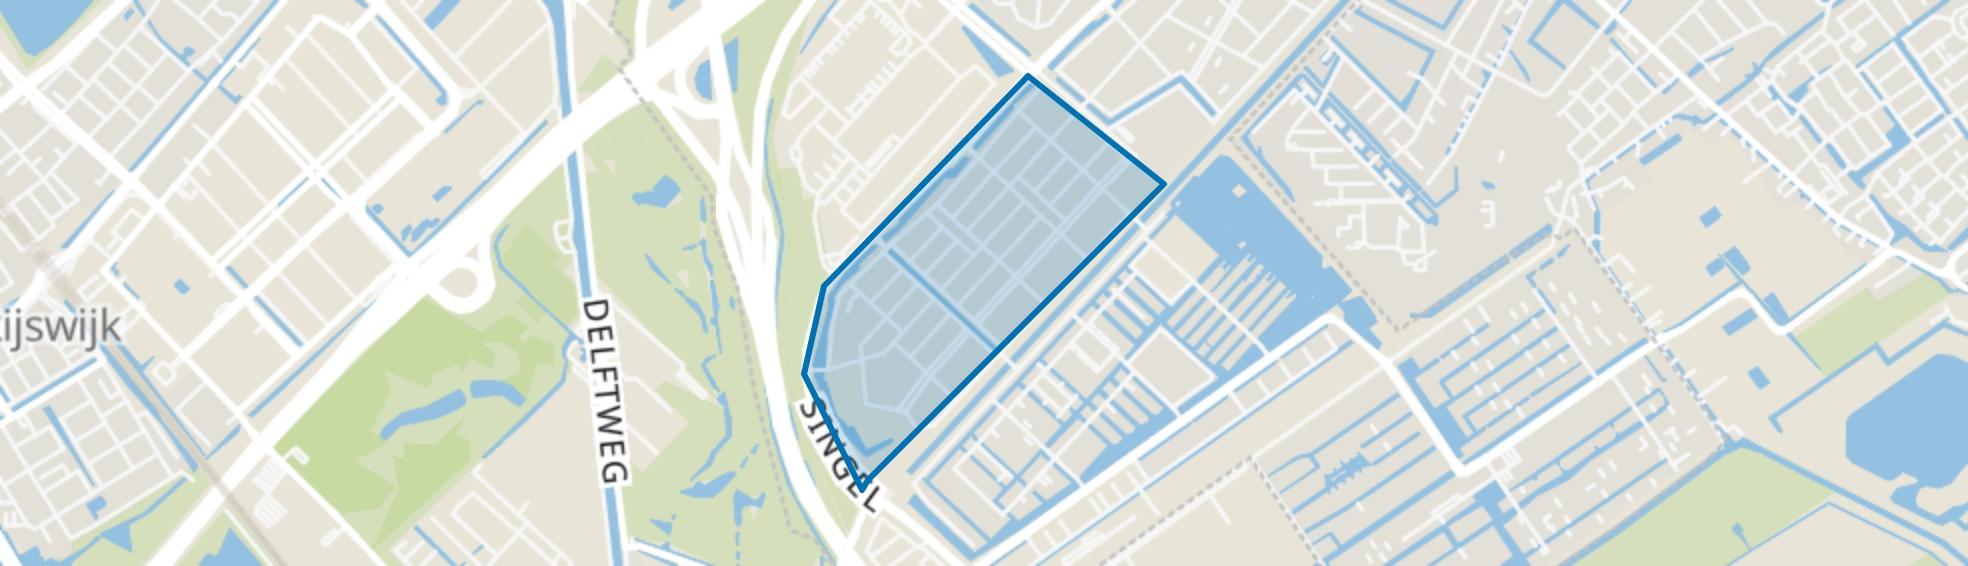 Singels, Den Haag map